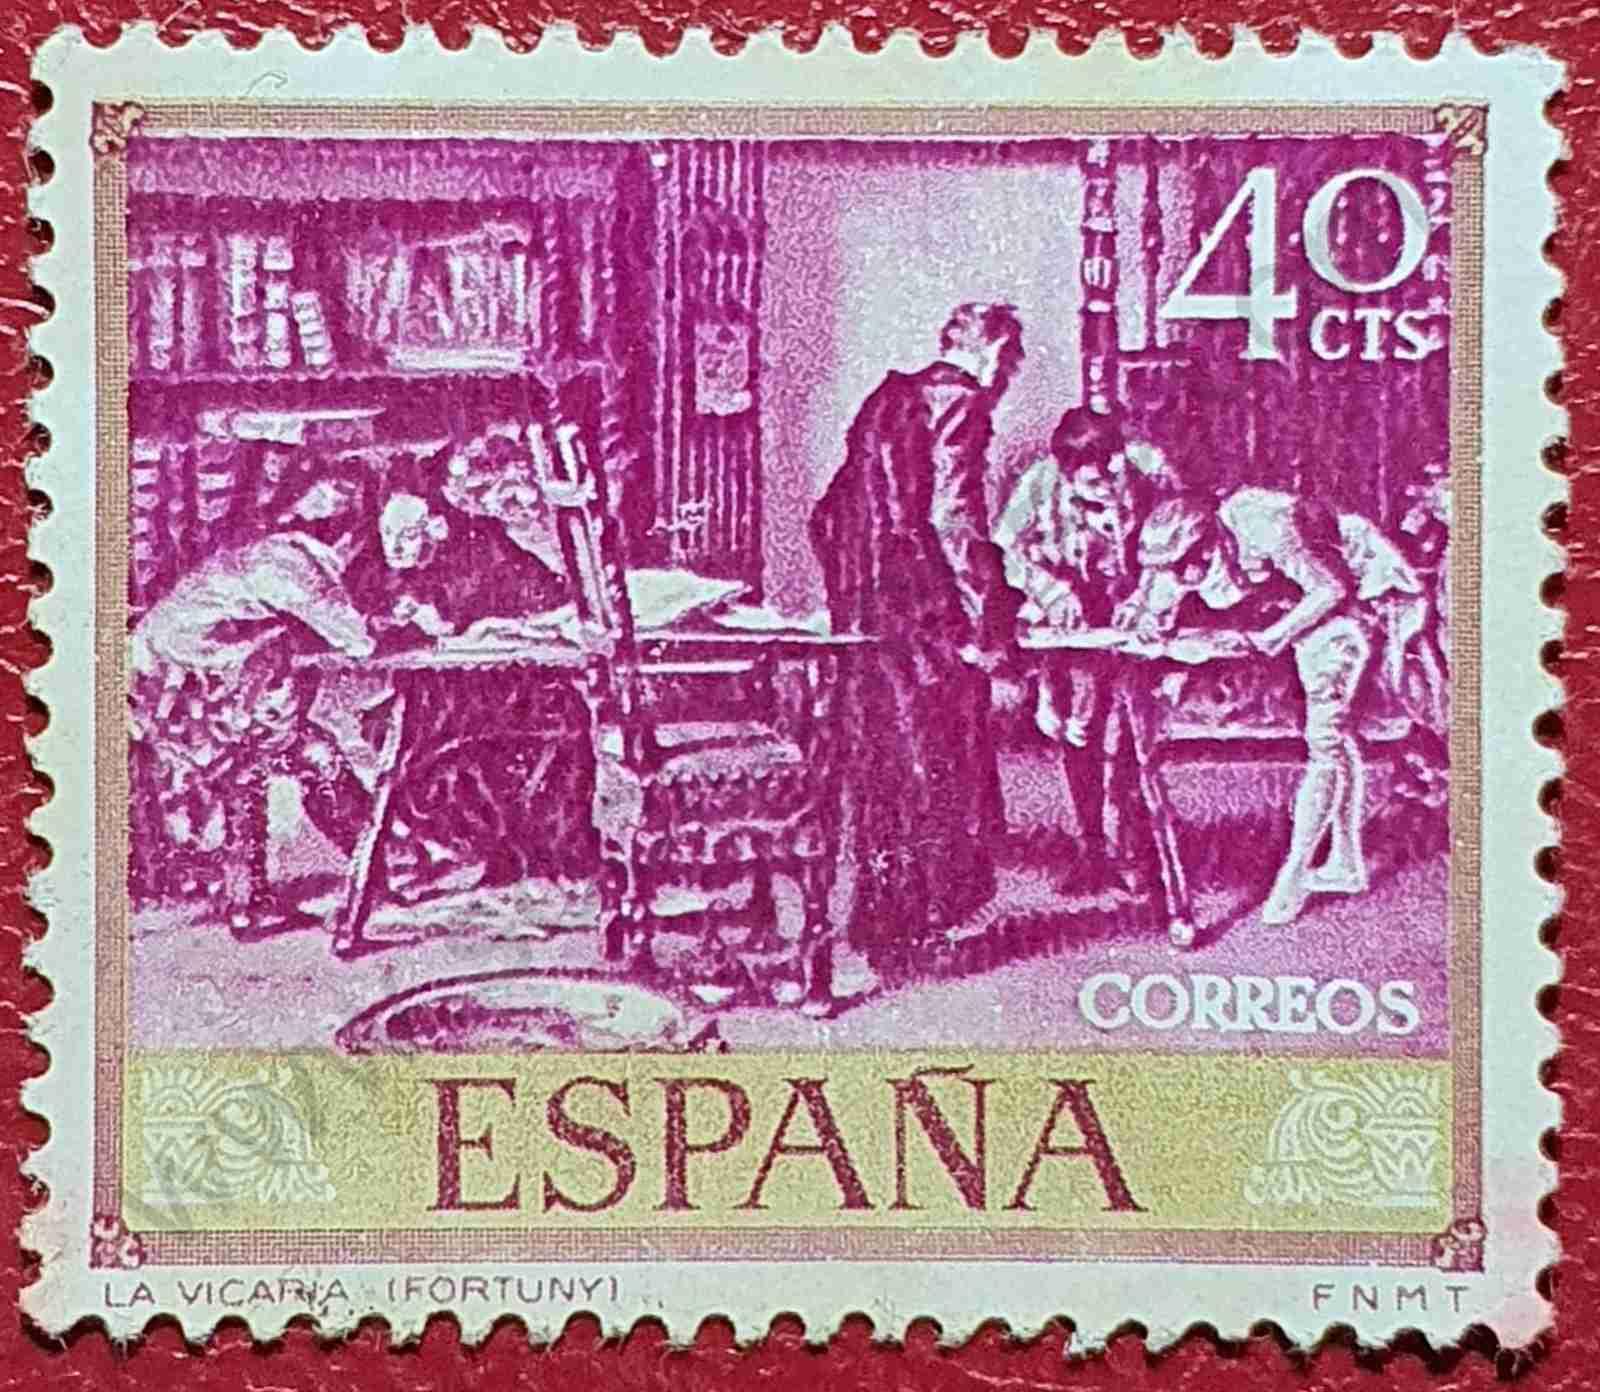 La Vicaría - Sello España 1968